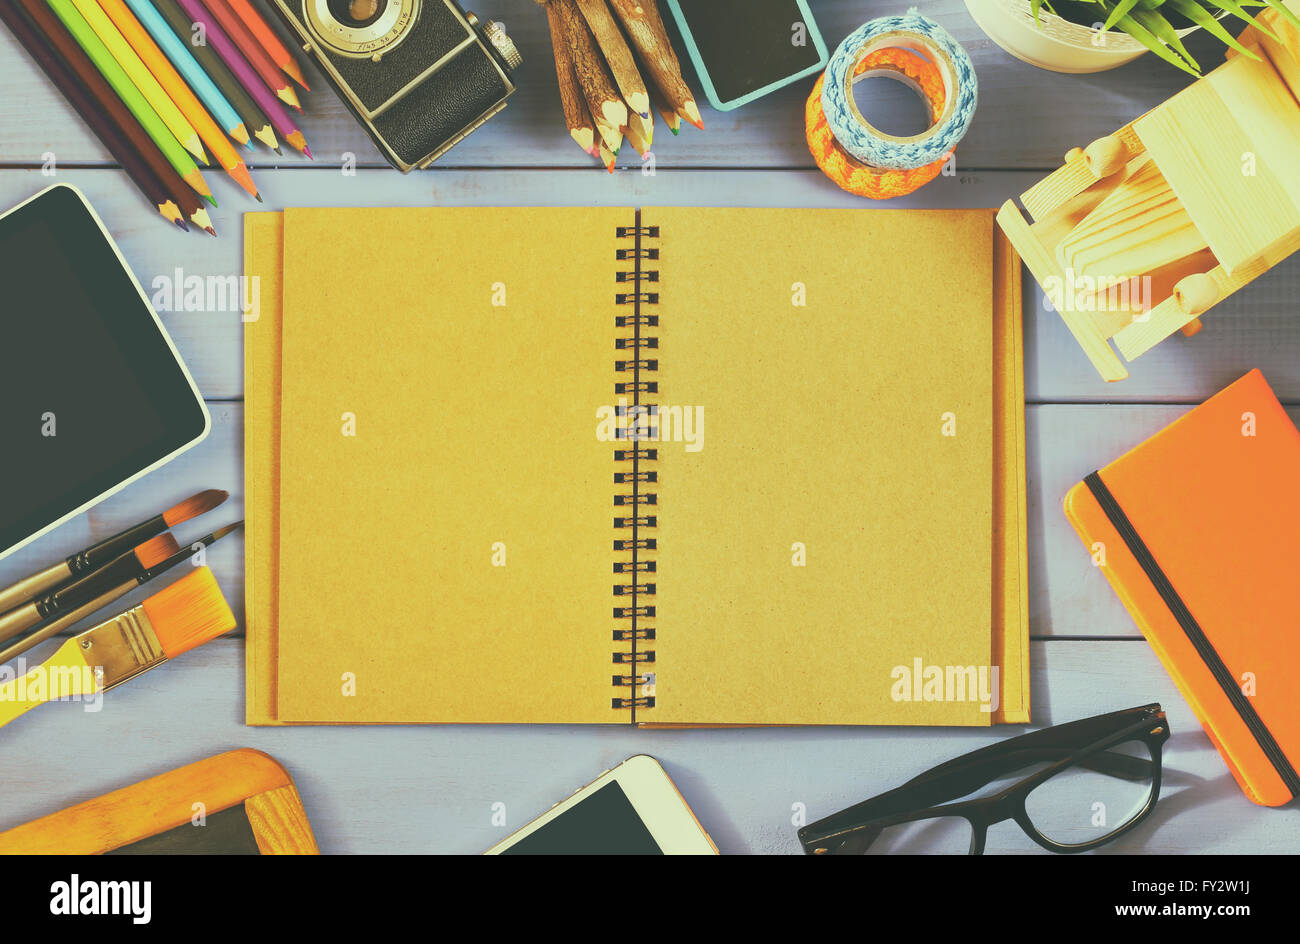 Vista superiore foto di blank notebook, vecchia macchina fotografica e forniture scolastiche su un tavolo di legno. Immagini Stock